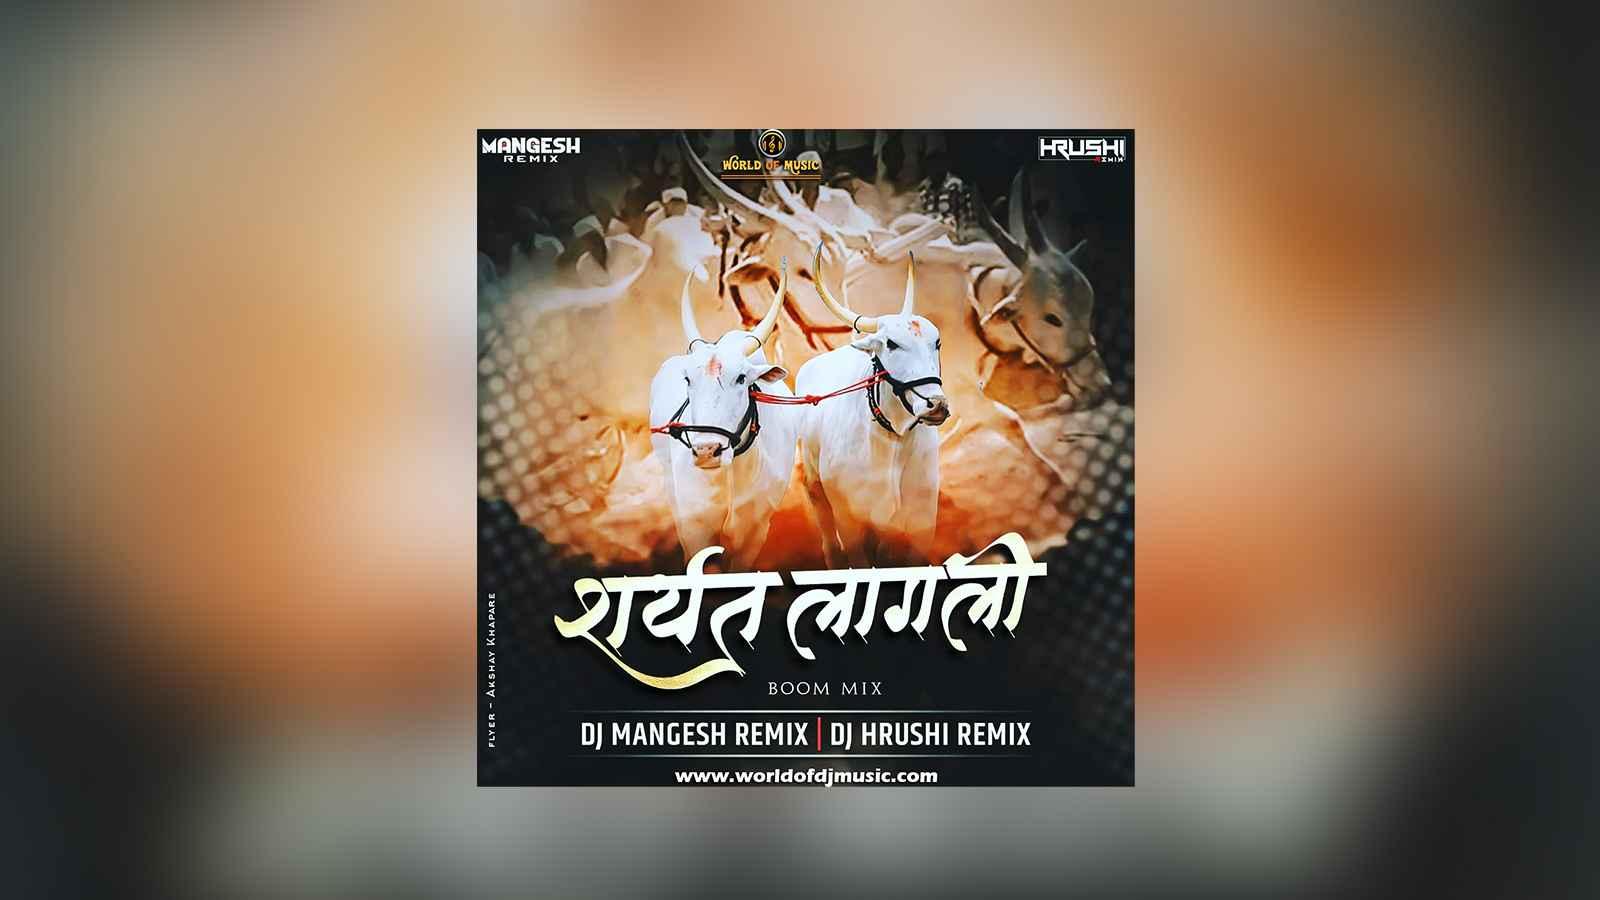 Sharyat Lagali (Boom Mix) DJ Mangesh & DJ Hrushi